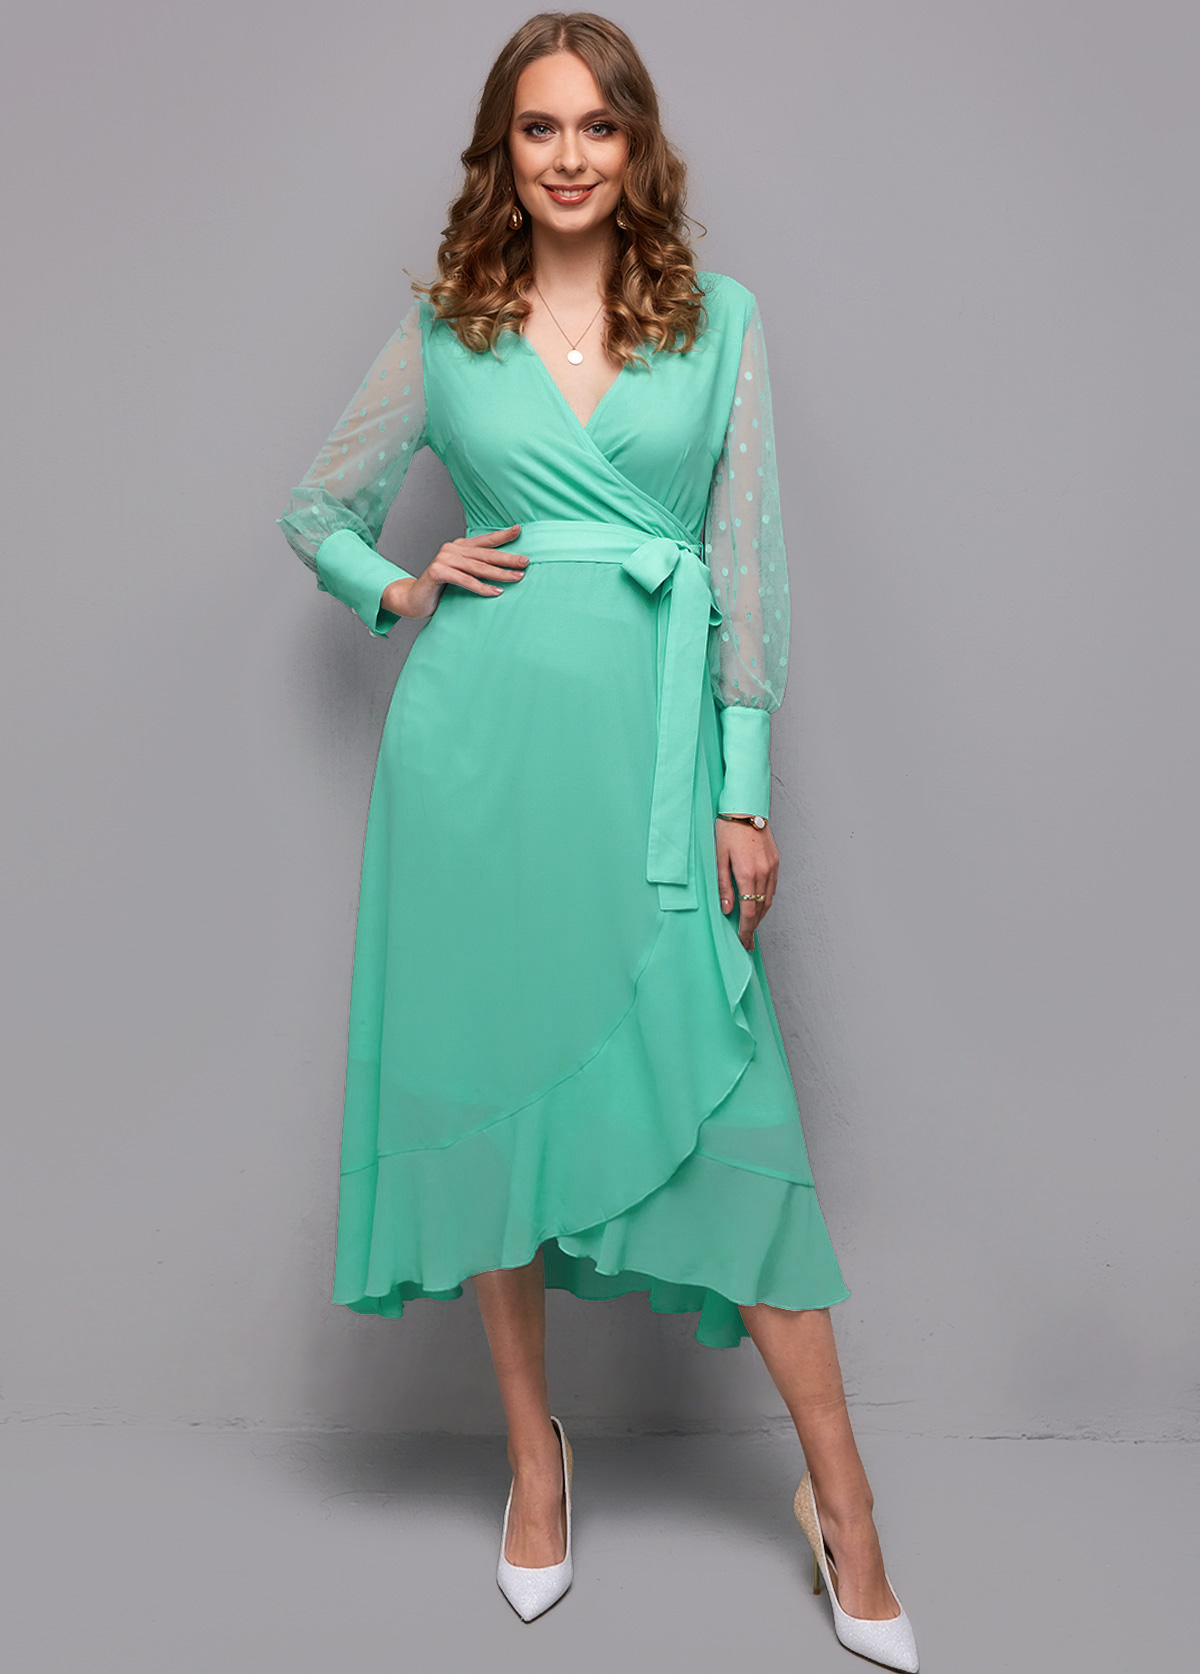 ROTITA Mesh Stitching Flounce Belted Wrap Dress